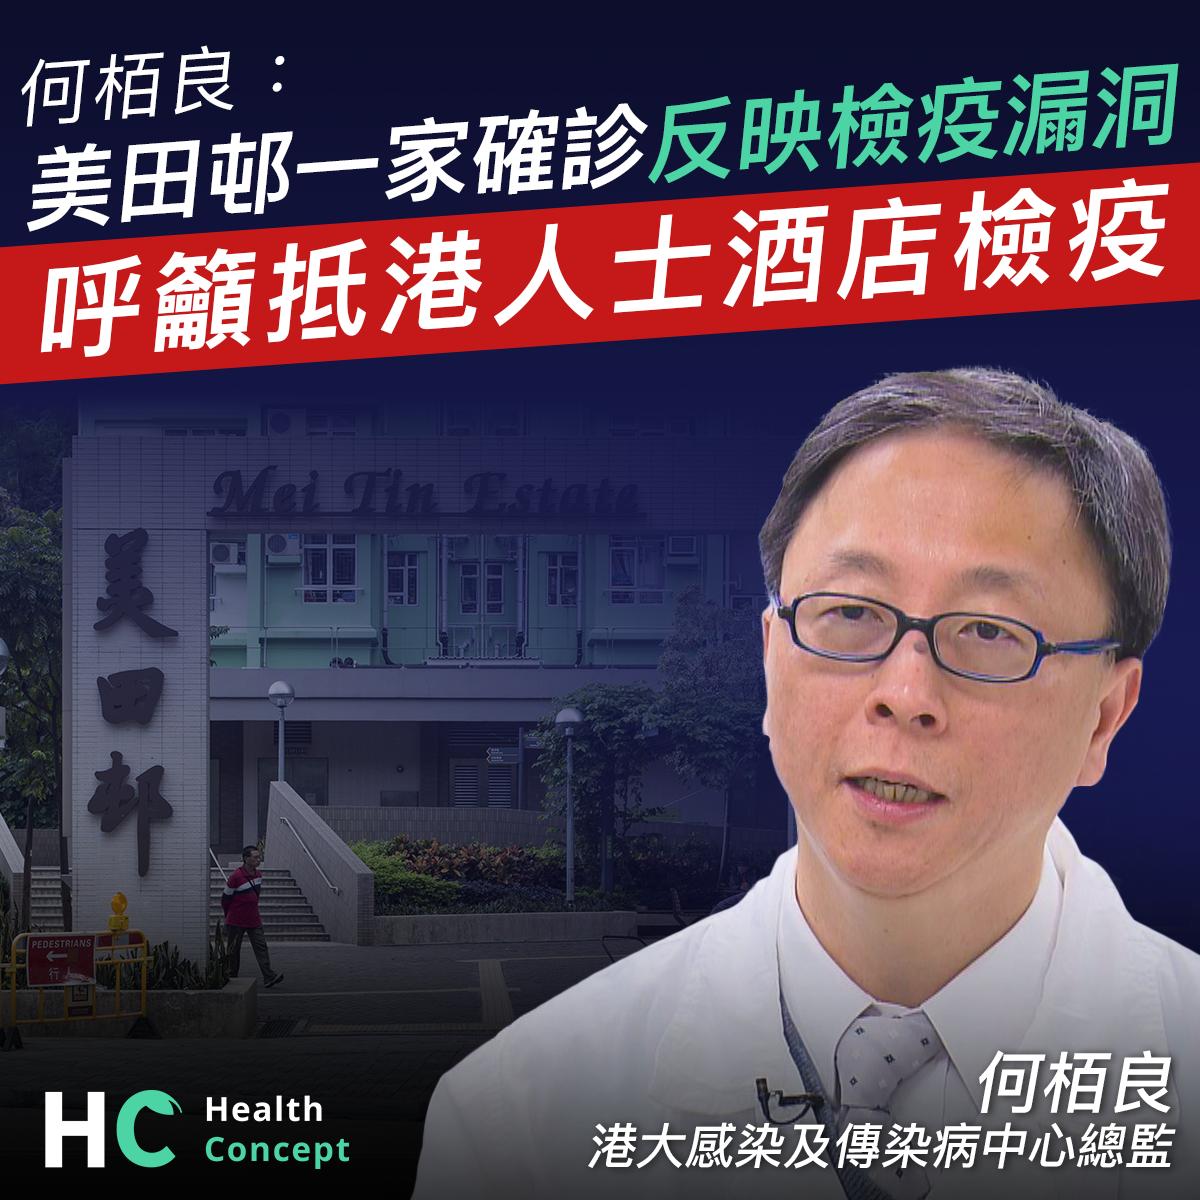 【#新型肺炎】何栢良:美田邨一家確診反映檢疫漏洞 呼籲抵港人士酒店檢疫